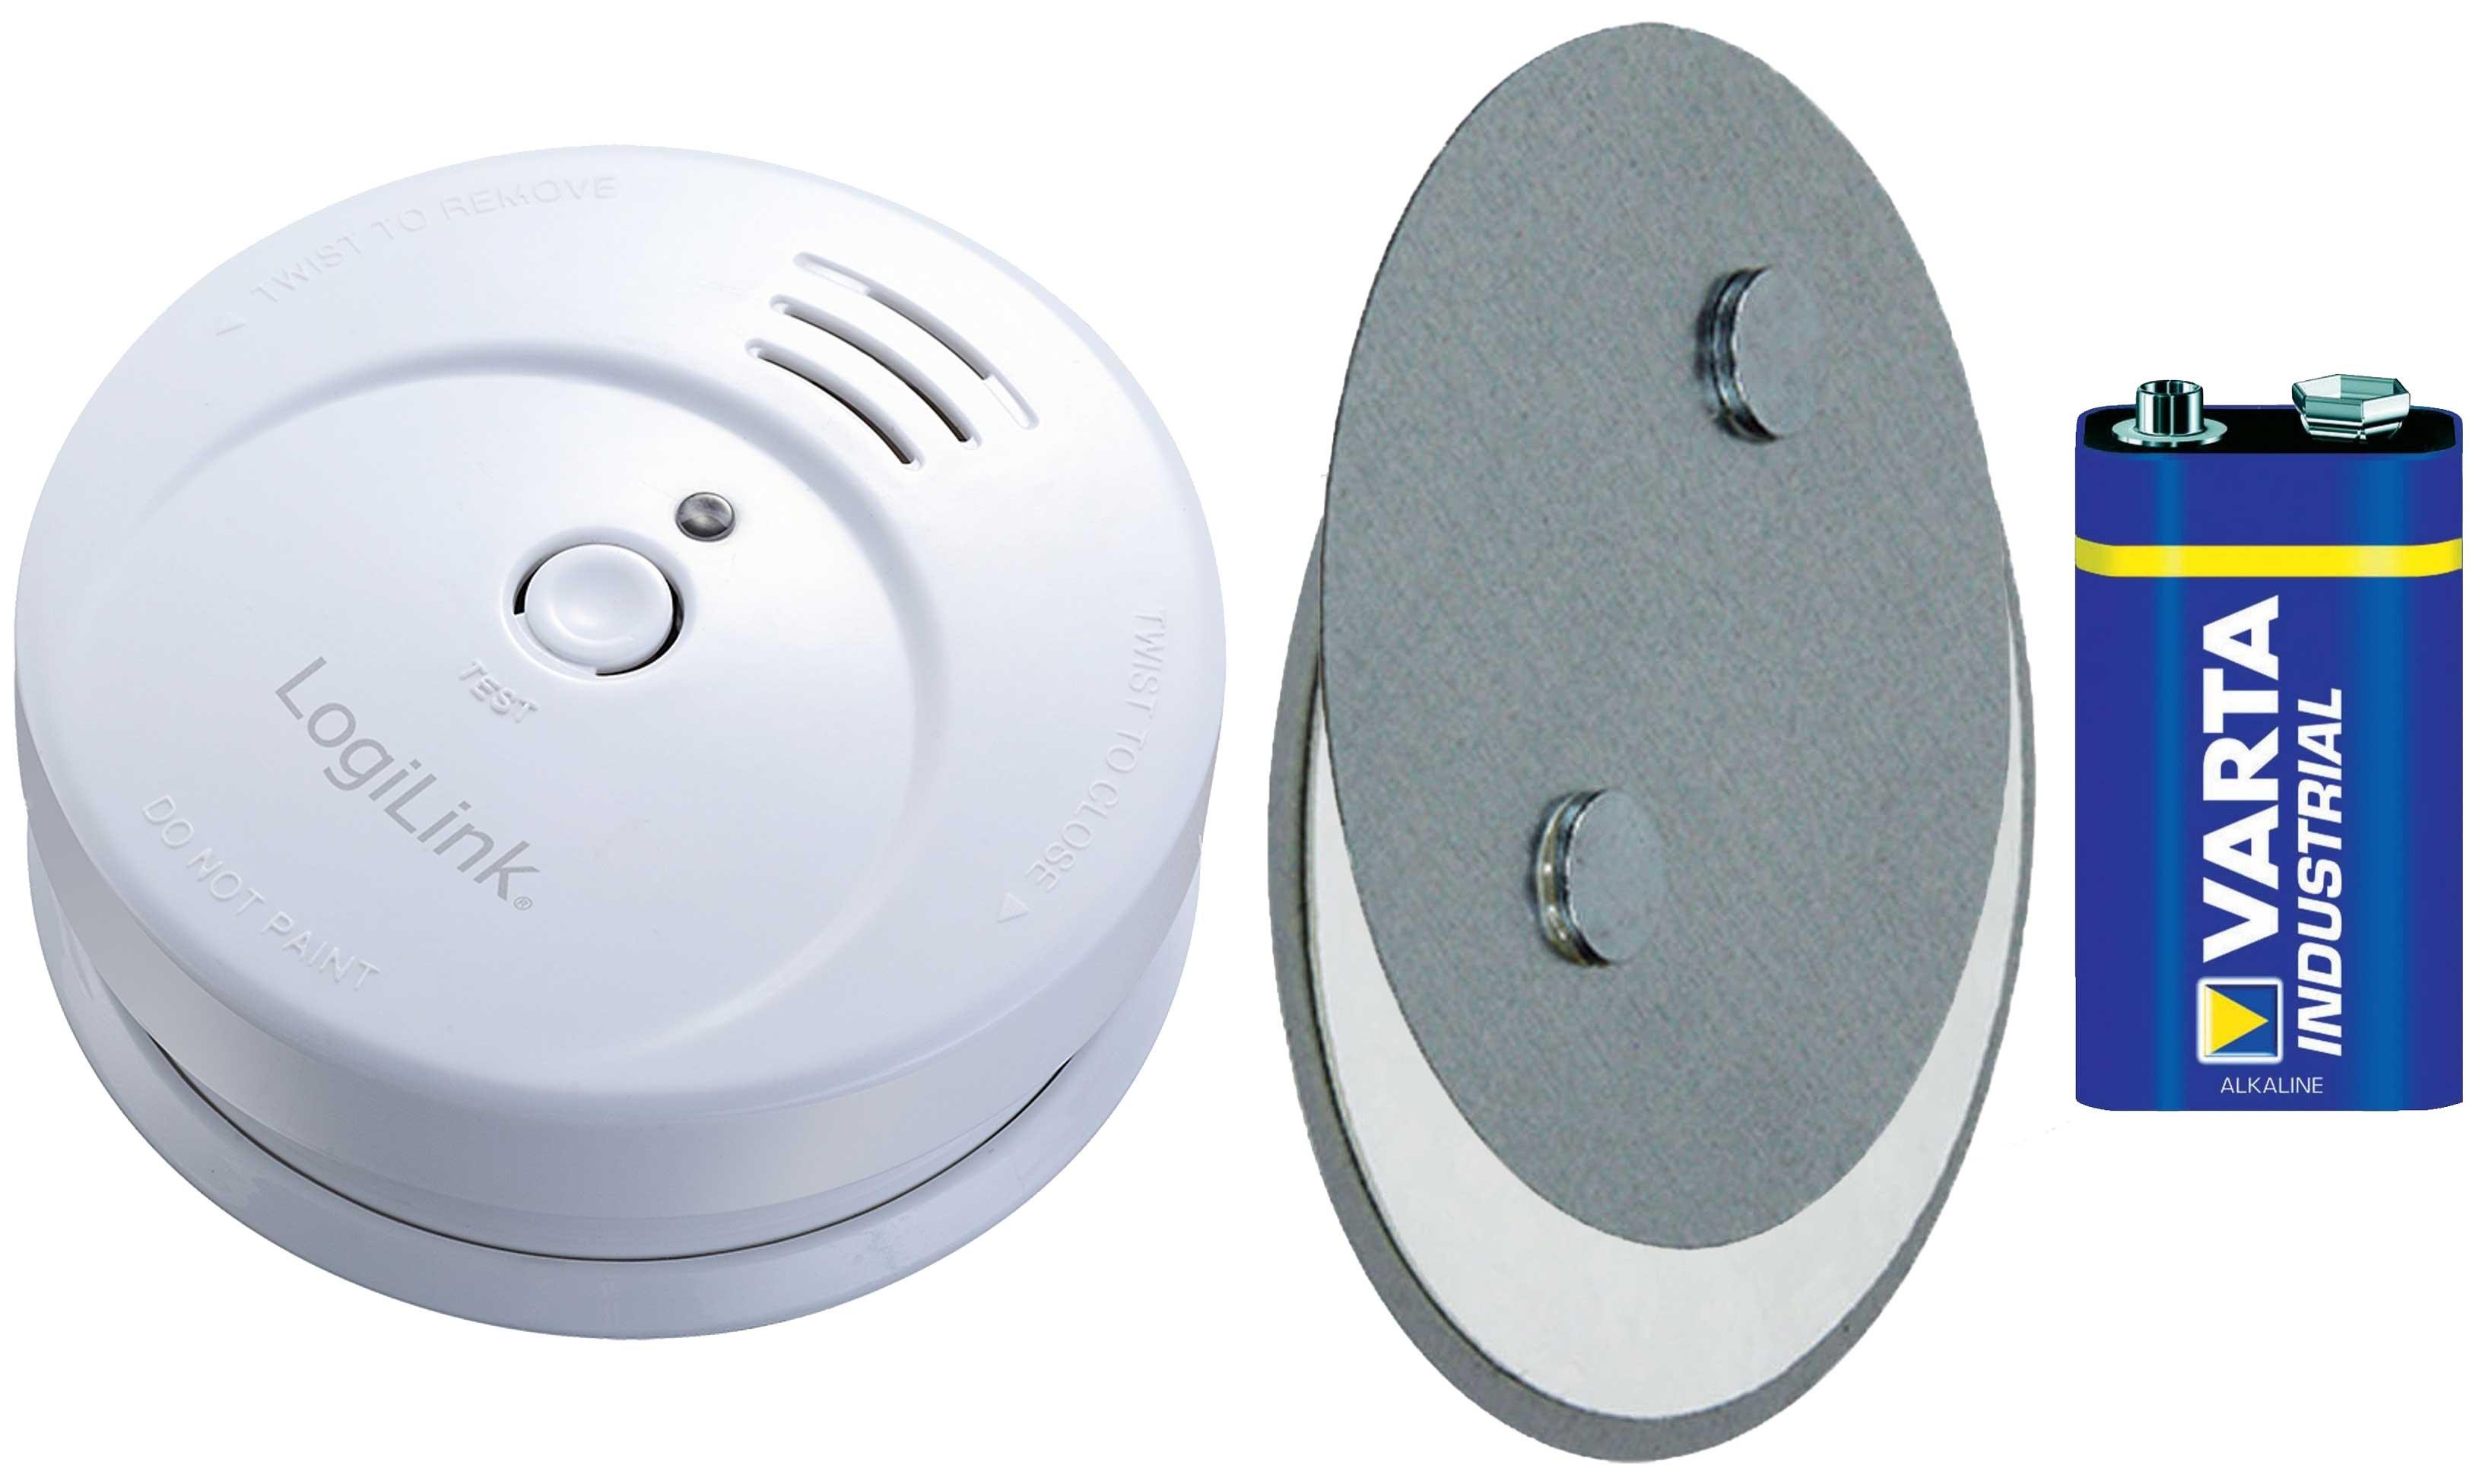 logilink rauchmelder magnet befestigung set halter brandmelder en14604 sc0001a ebay. Black Bedroom Furniture Sets. Home Design Ideas